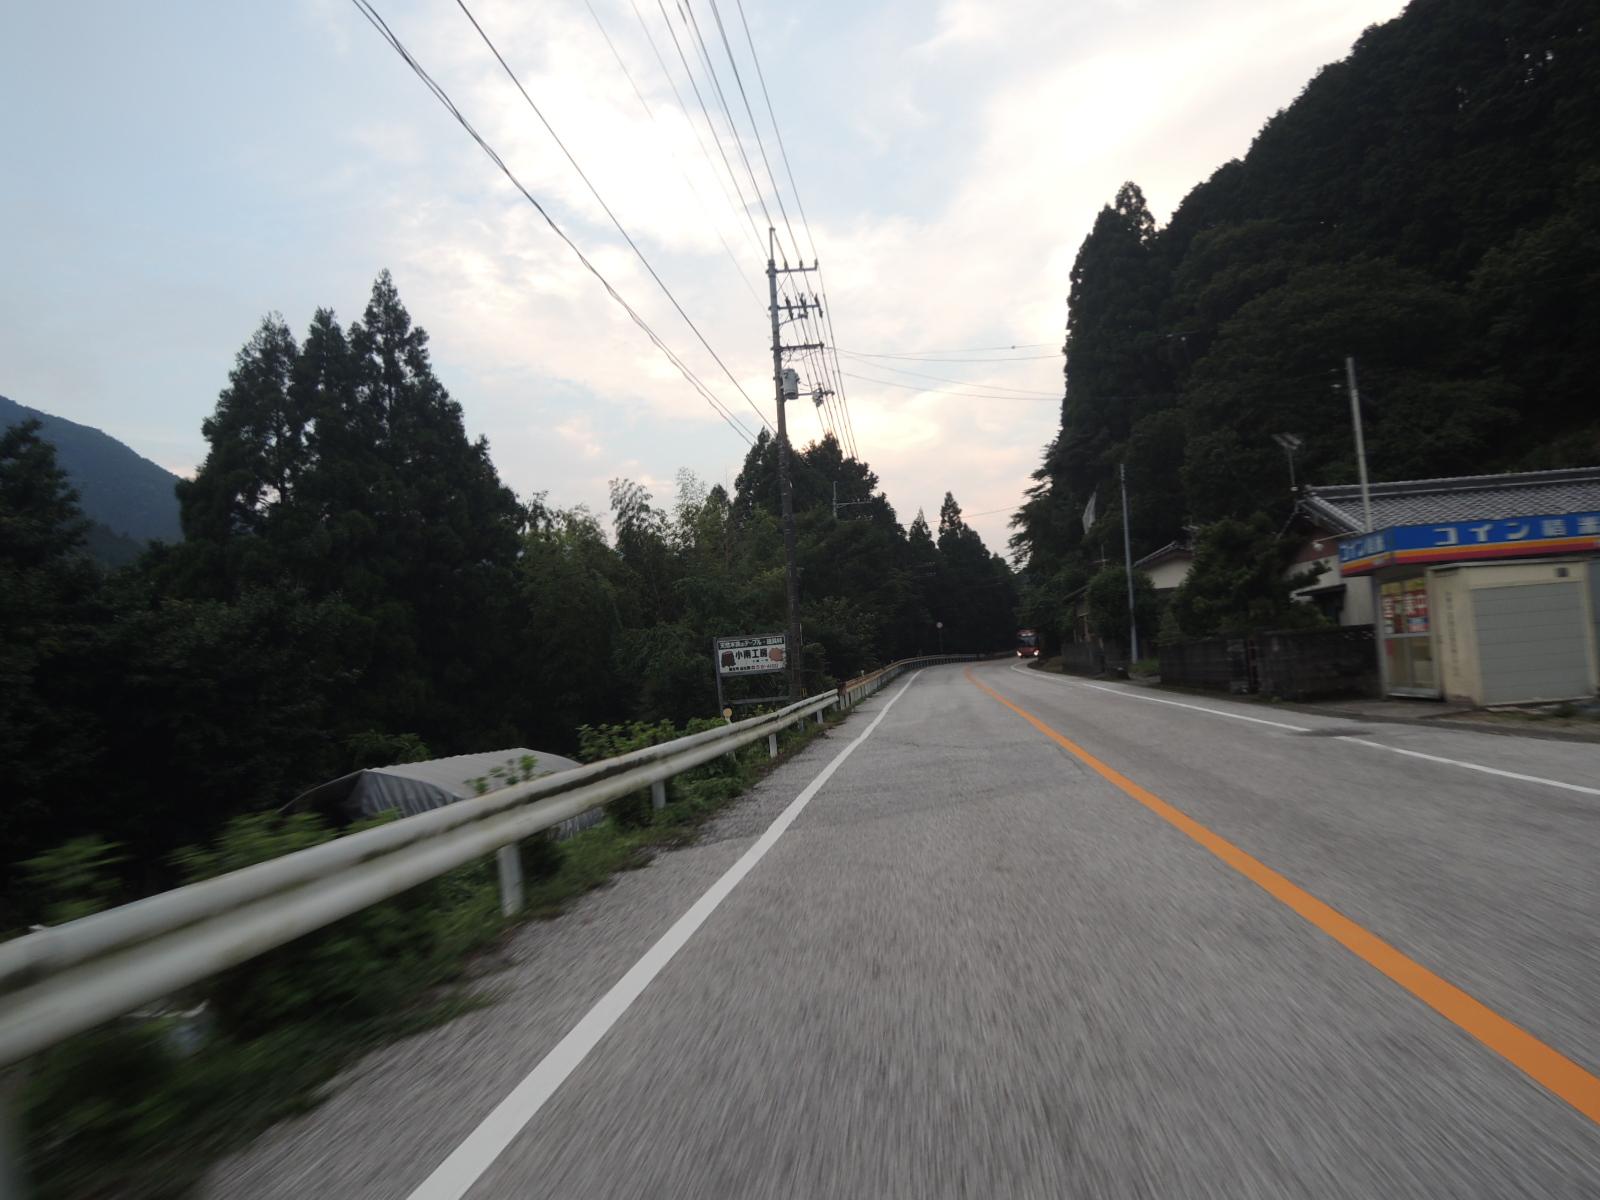 DSCN6228.JPG